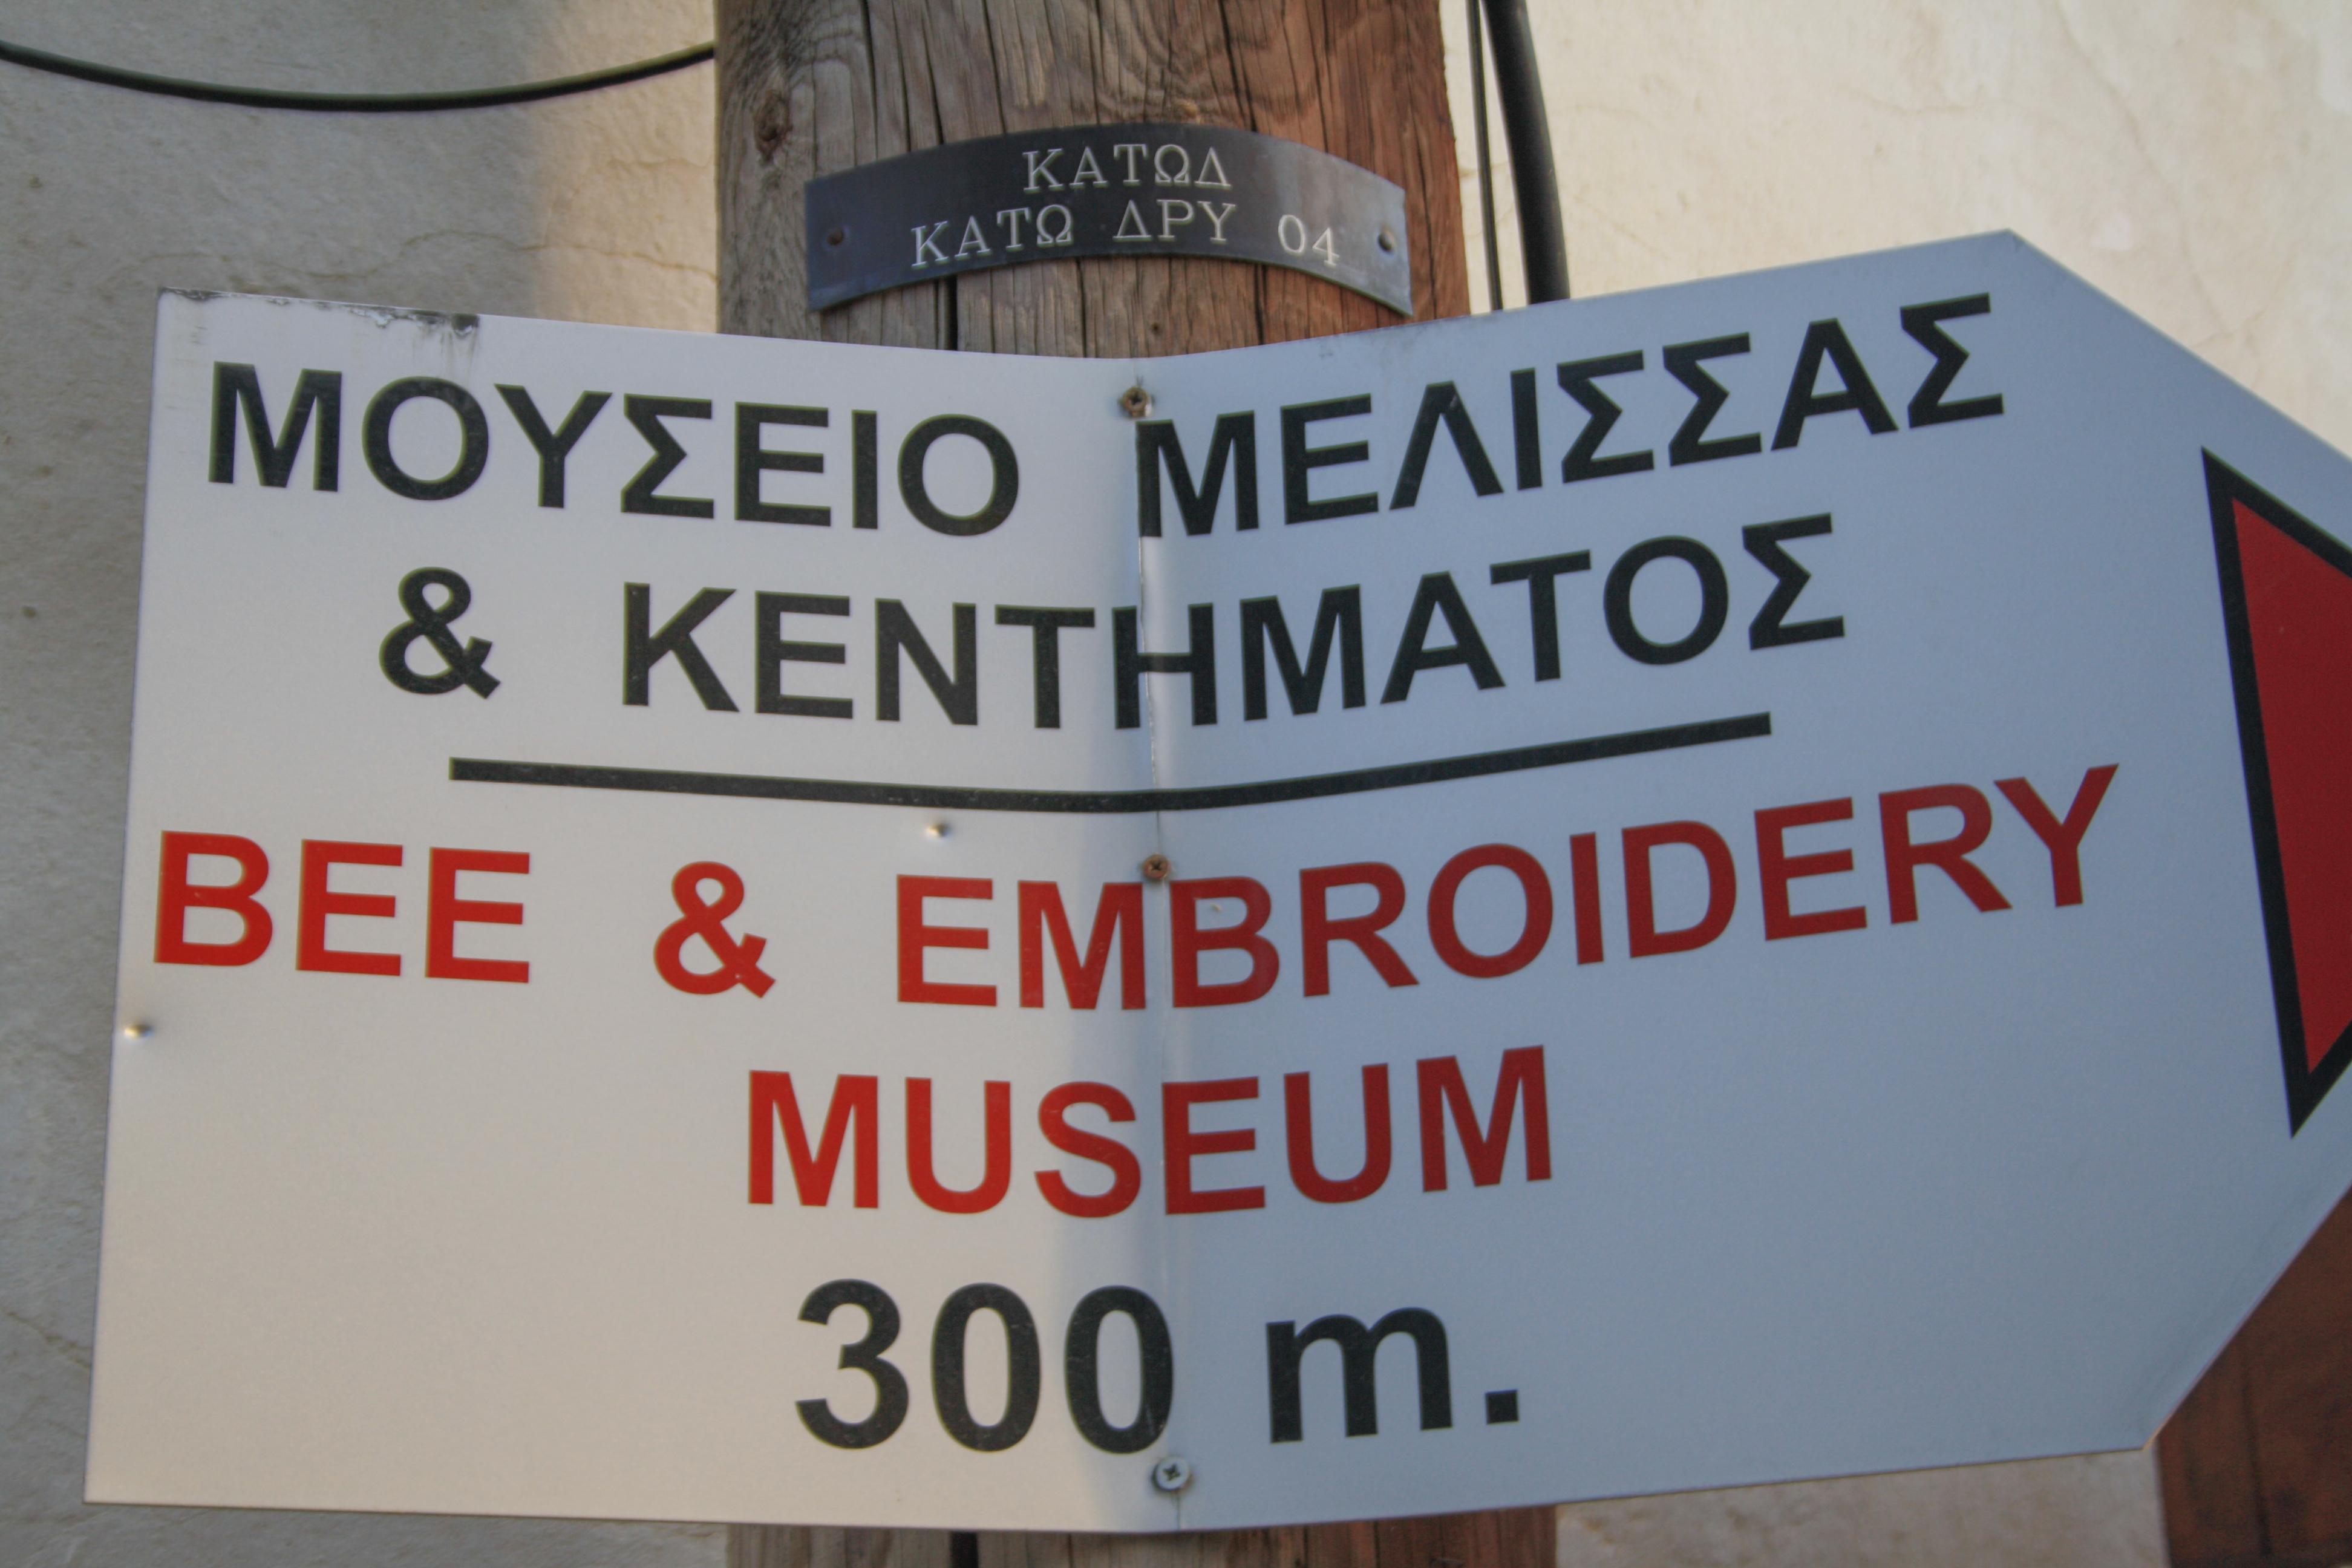 Τα σημαντικότερα μουσεία στην Κύπρο Επαρχία Λάρνακας